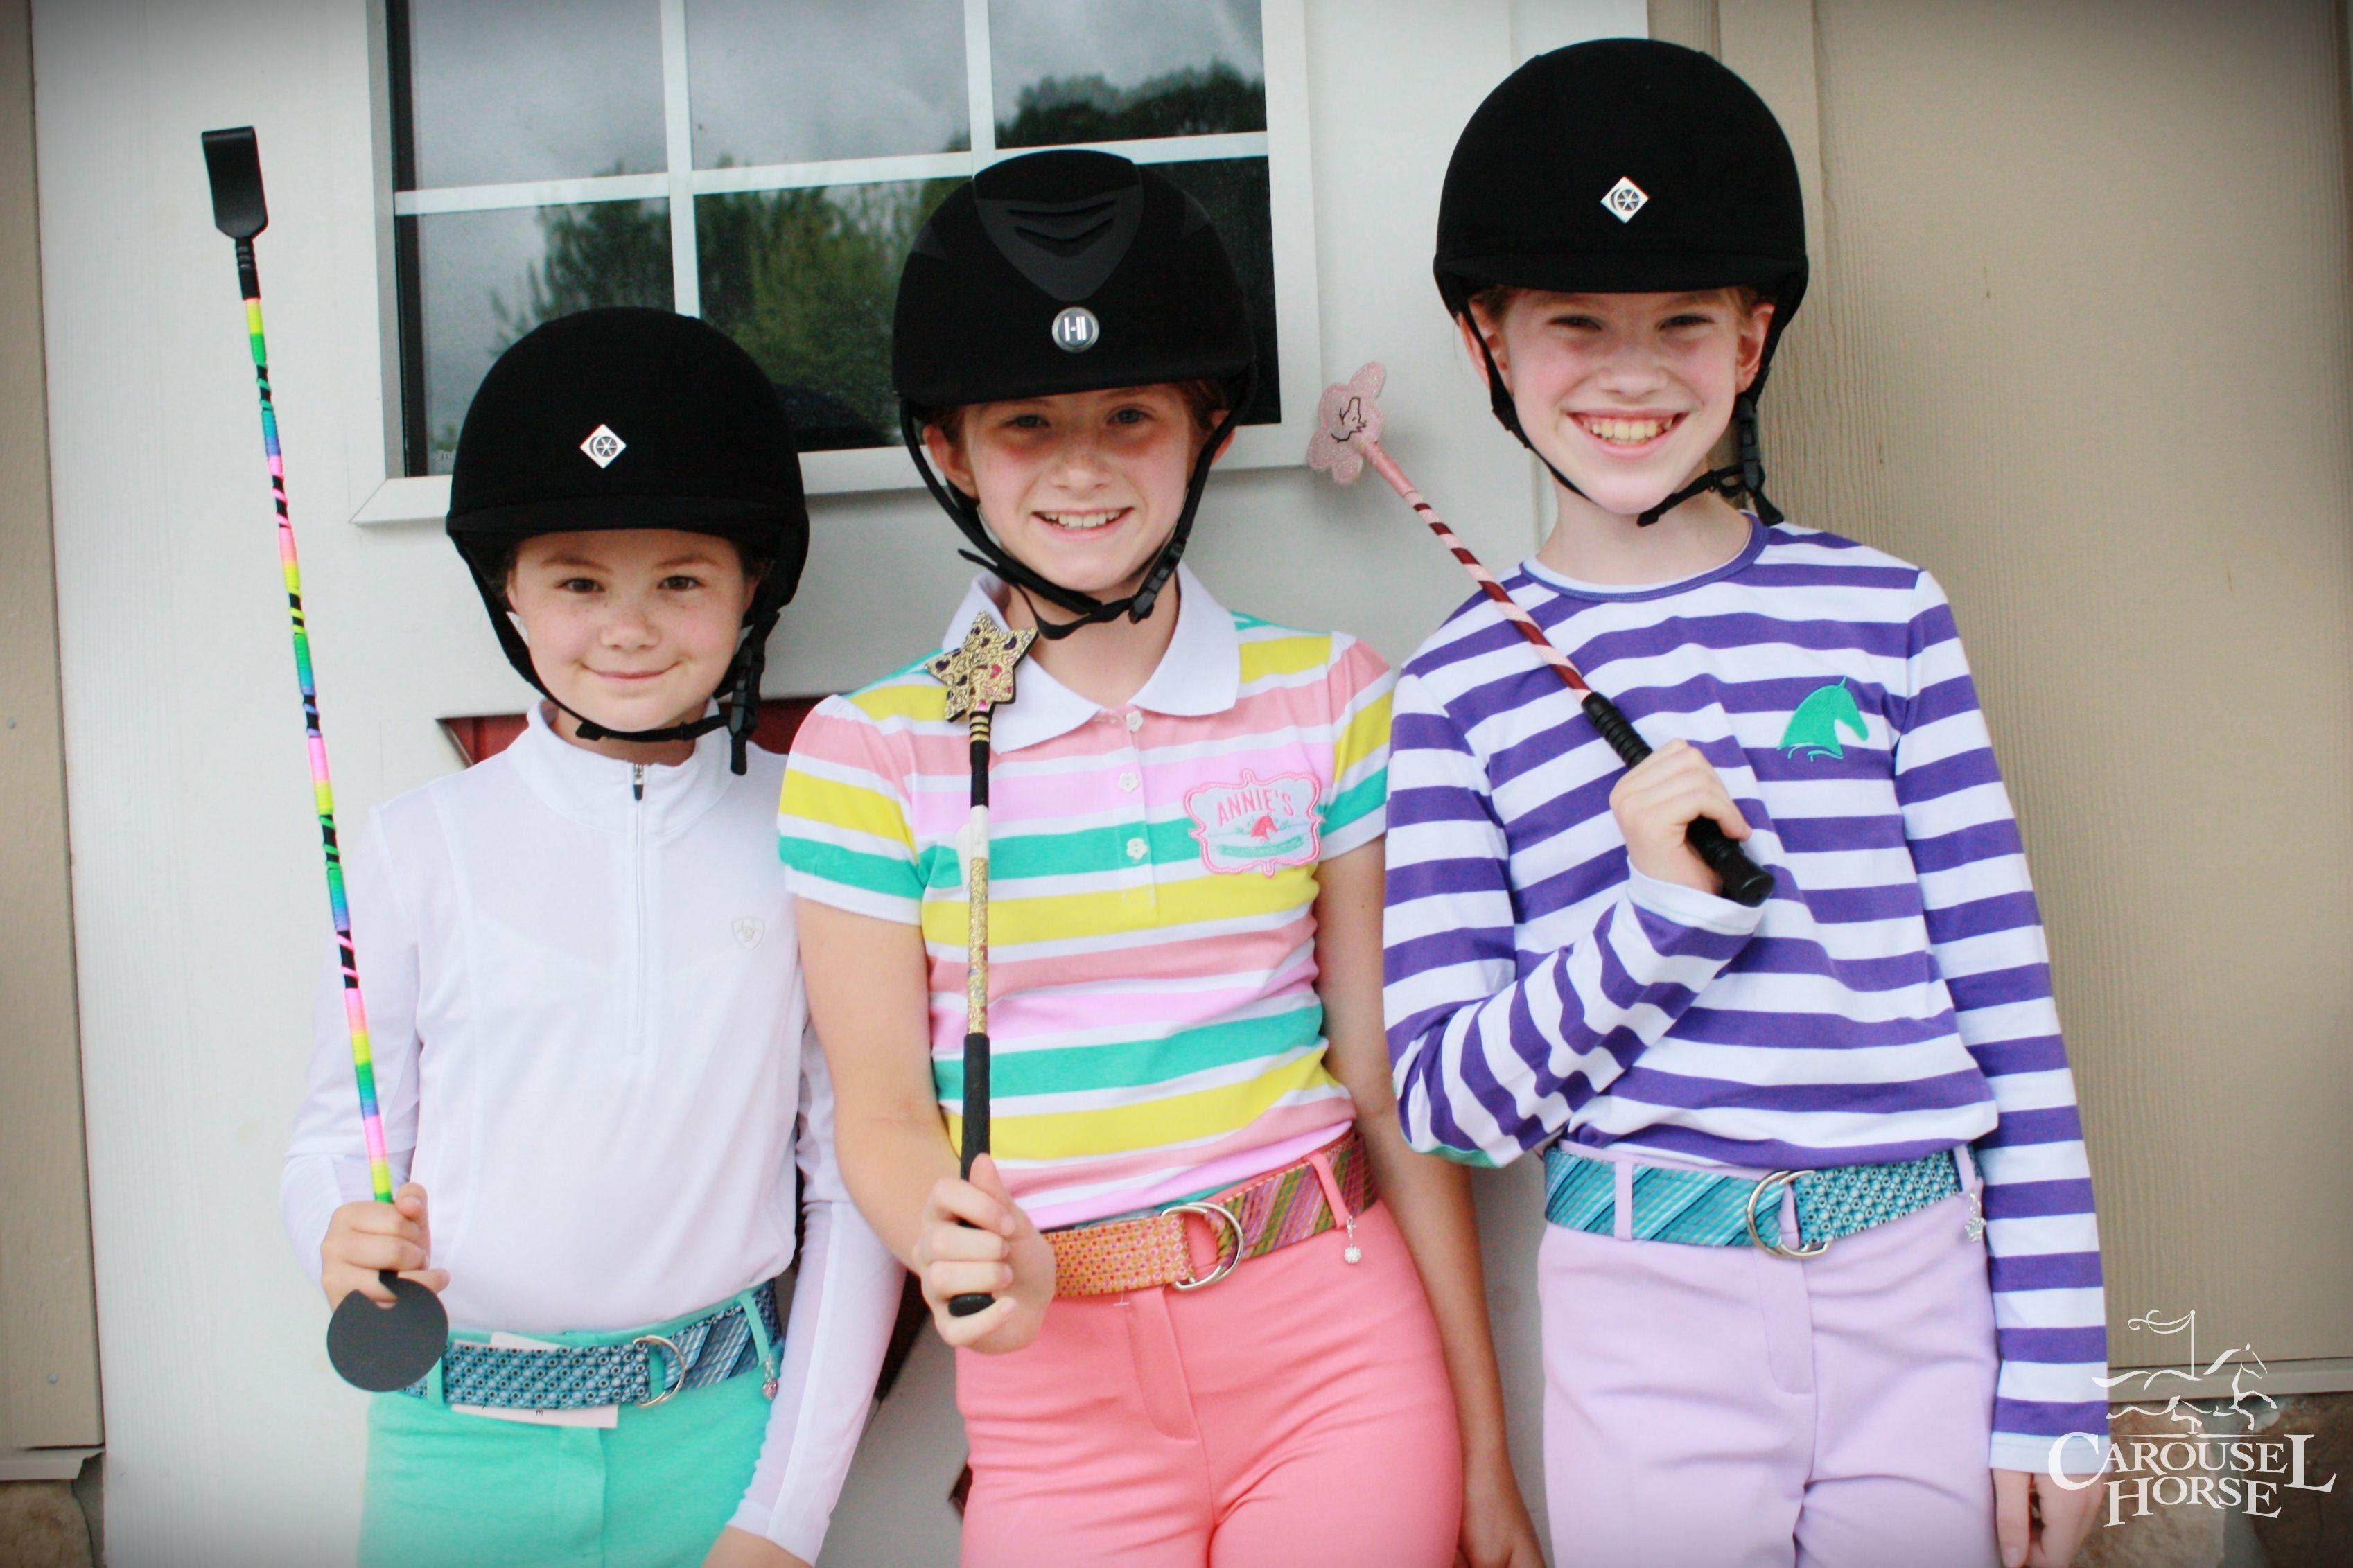 Breeches Annie S Equestrienne Apparel Shirts Annies